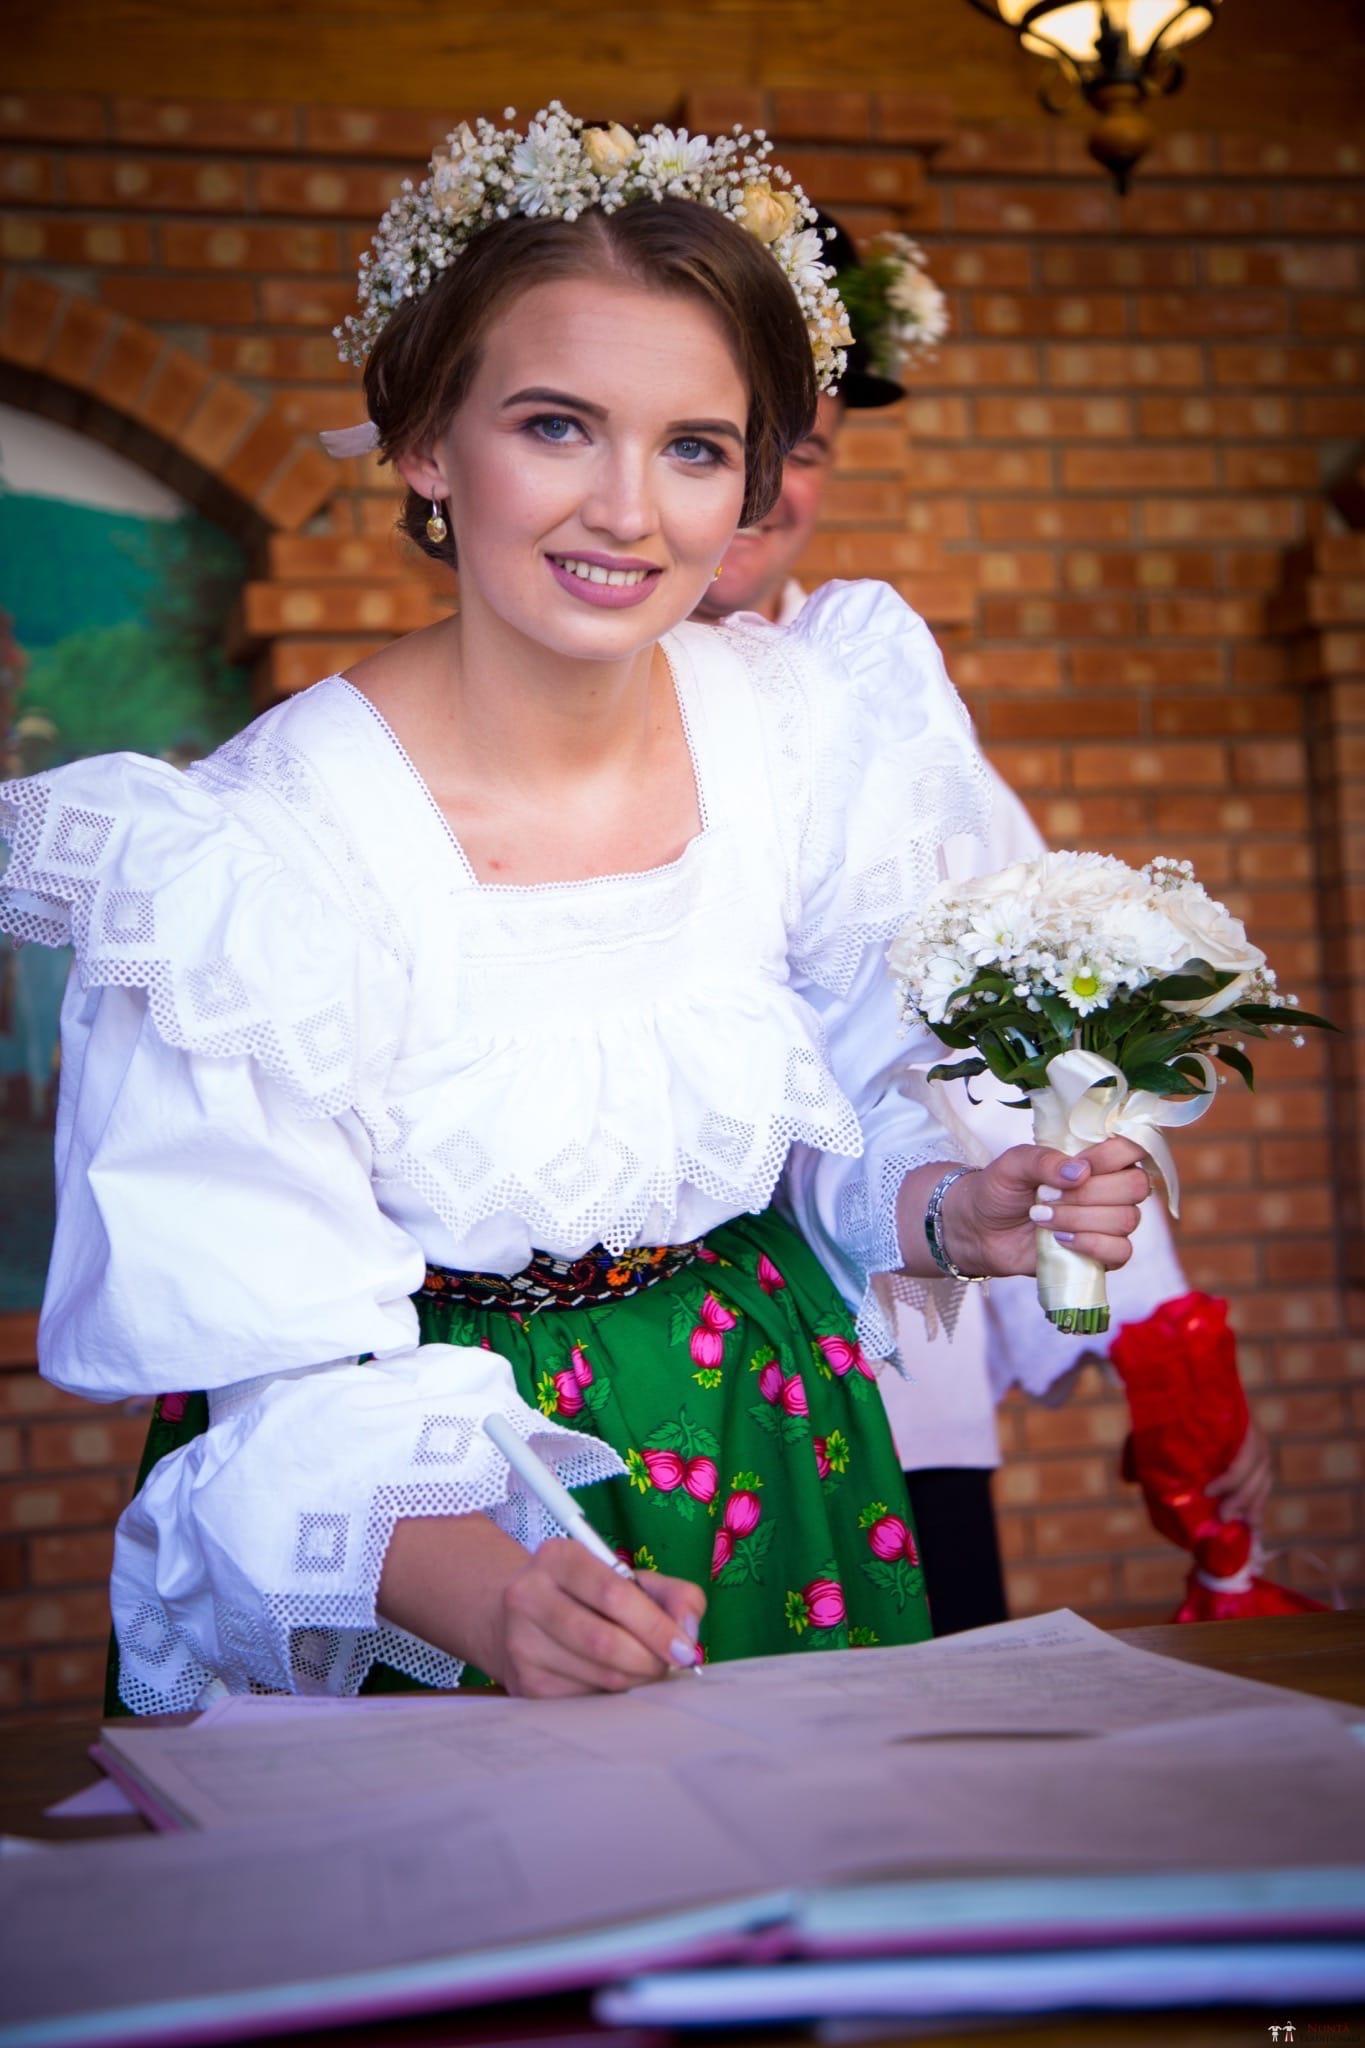 Povești Nunți Tradiționale - Ancuța și Nicu, cununie tradițională în Giulești, Maramureș 23